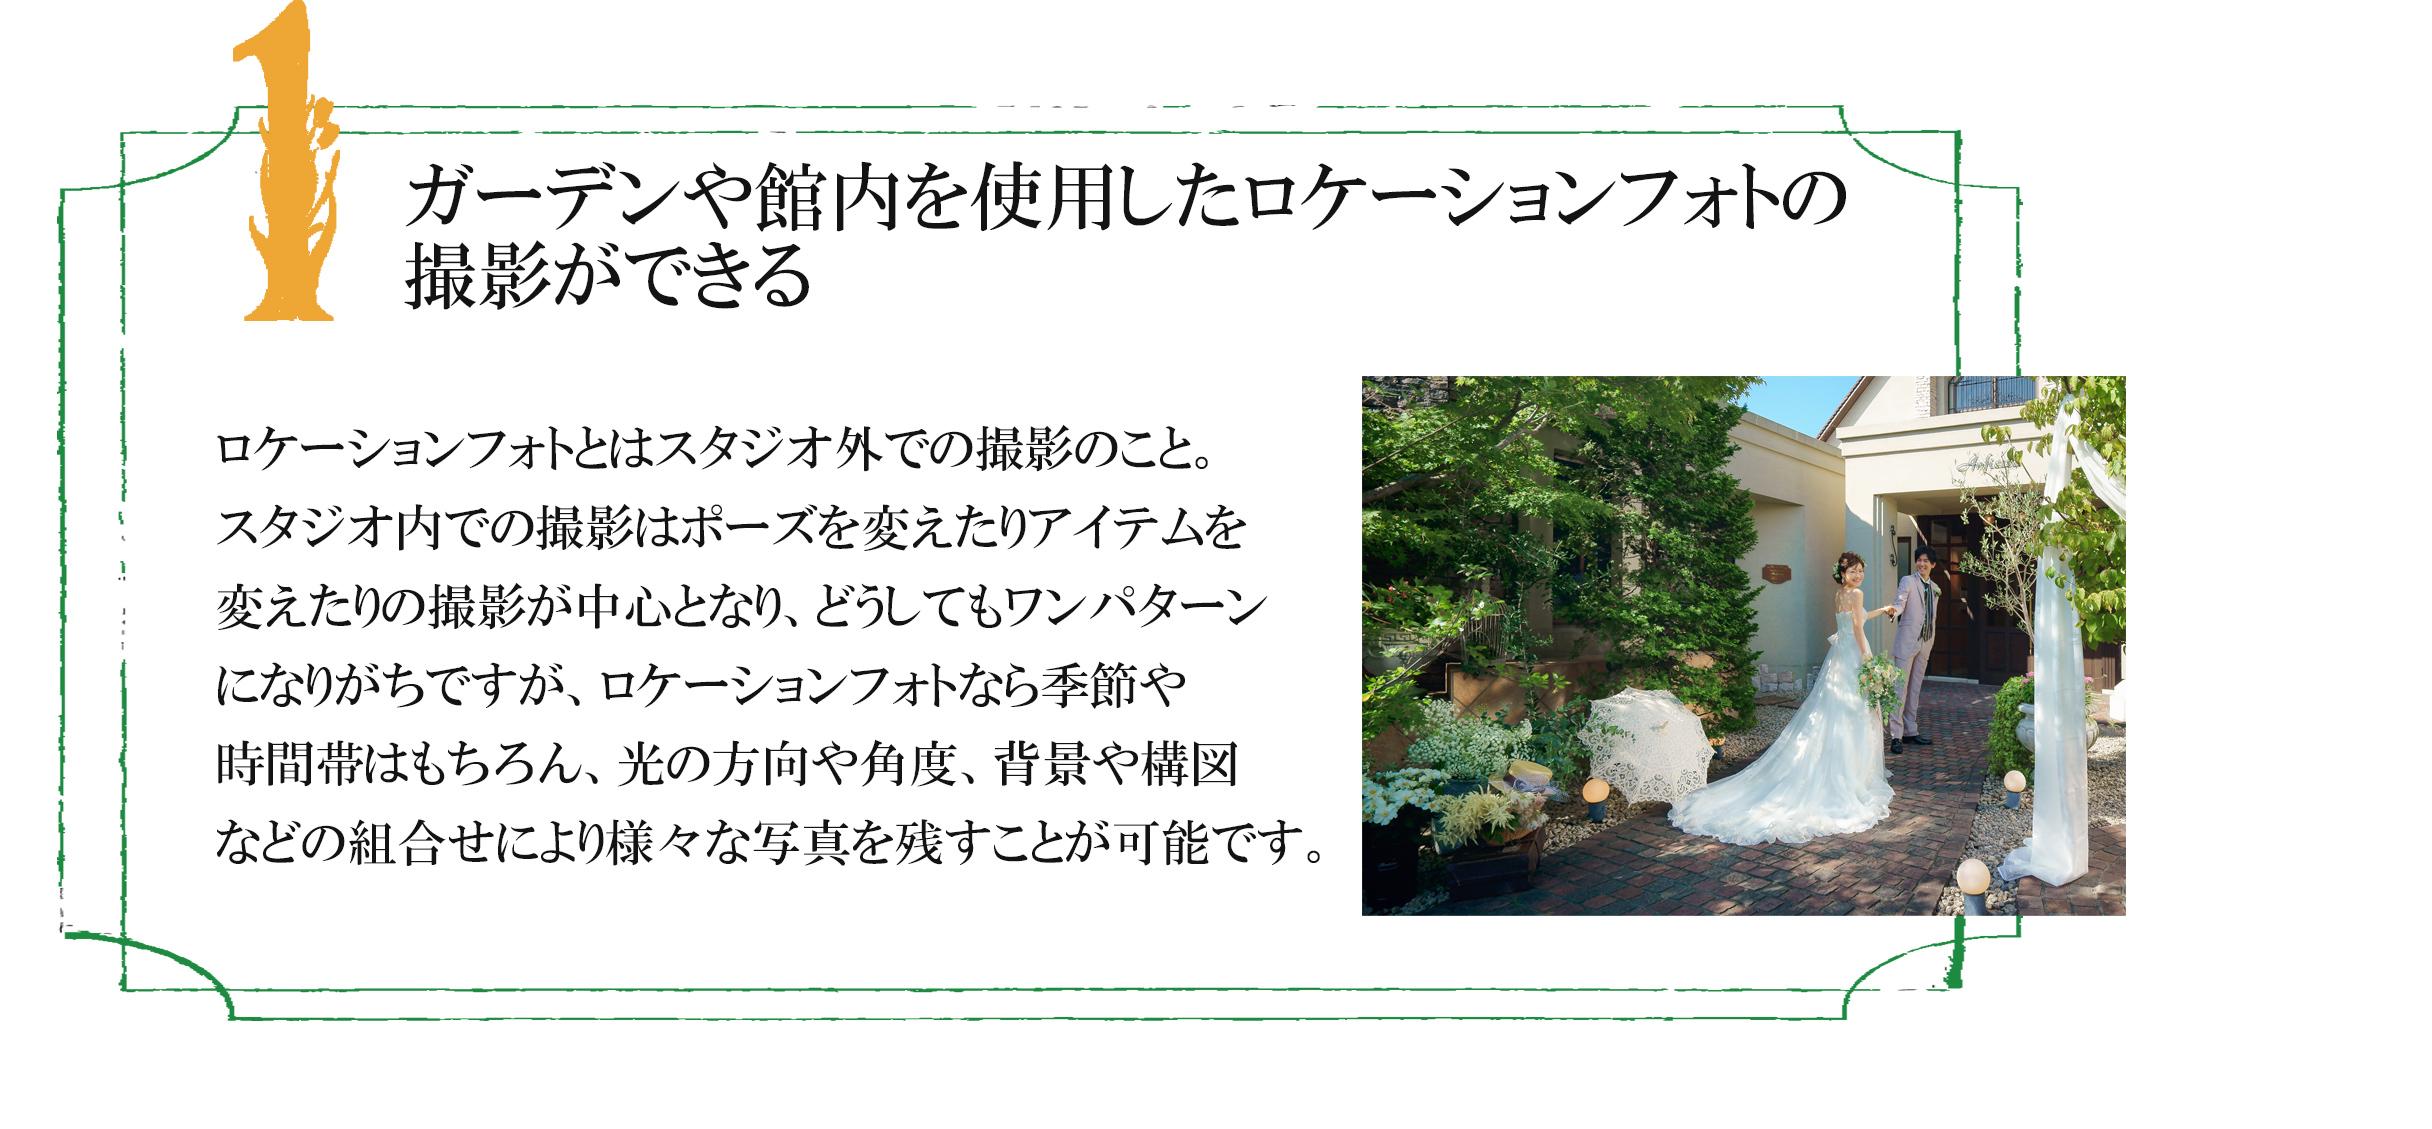 ガーデンや館内を使用したロケーションフォトの 撮影ができる